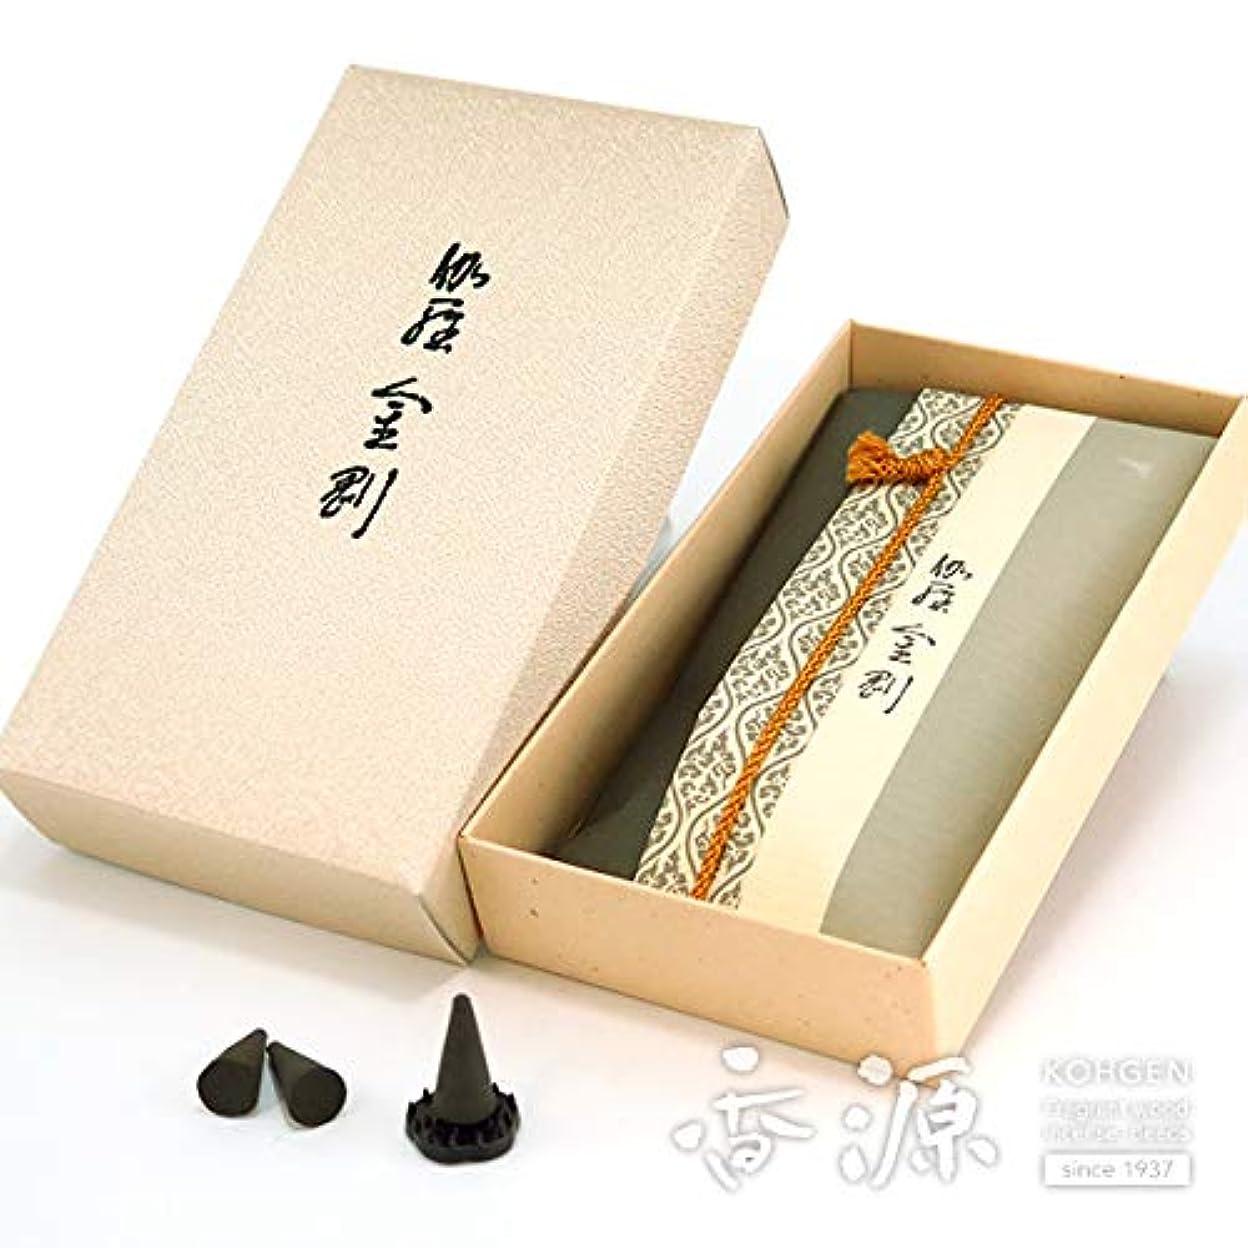 パスタ立場解任日本香堂のお香 伽羅金剛 コーン型24個入